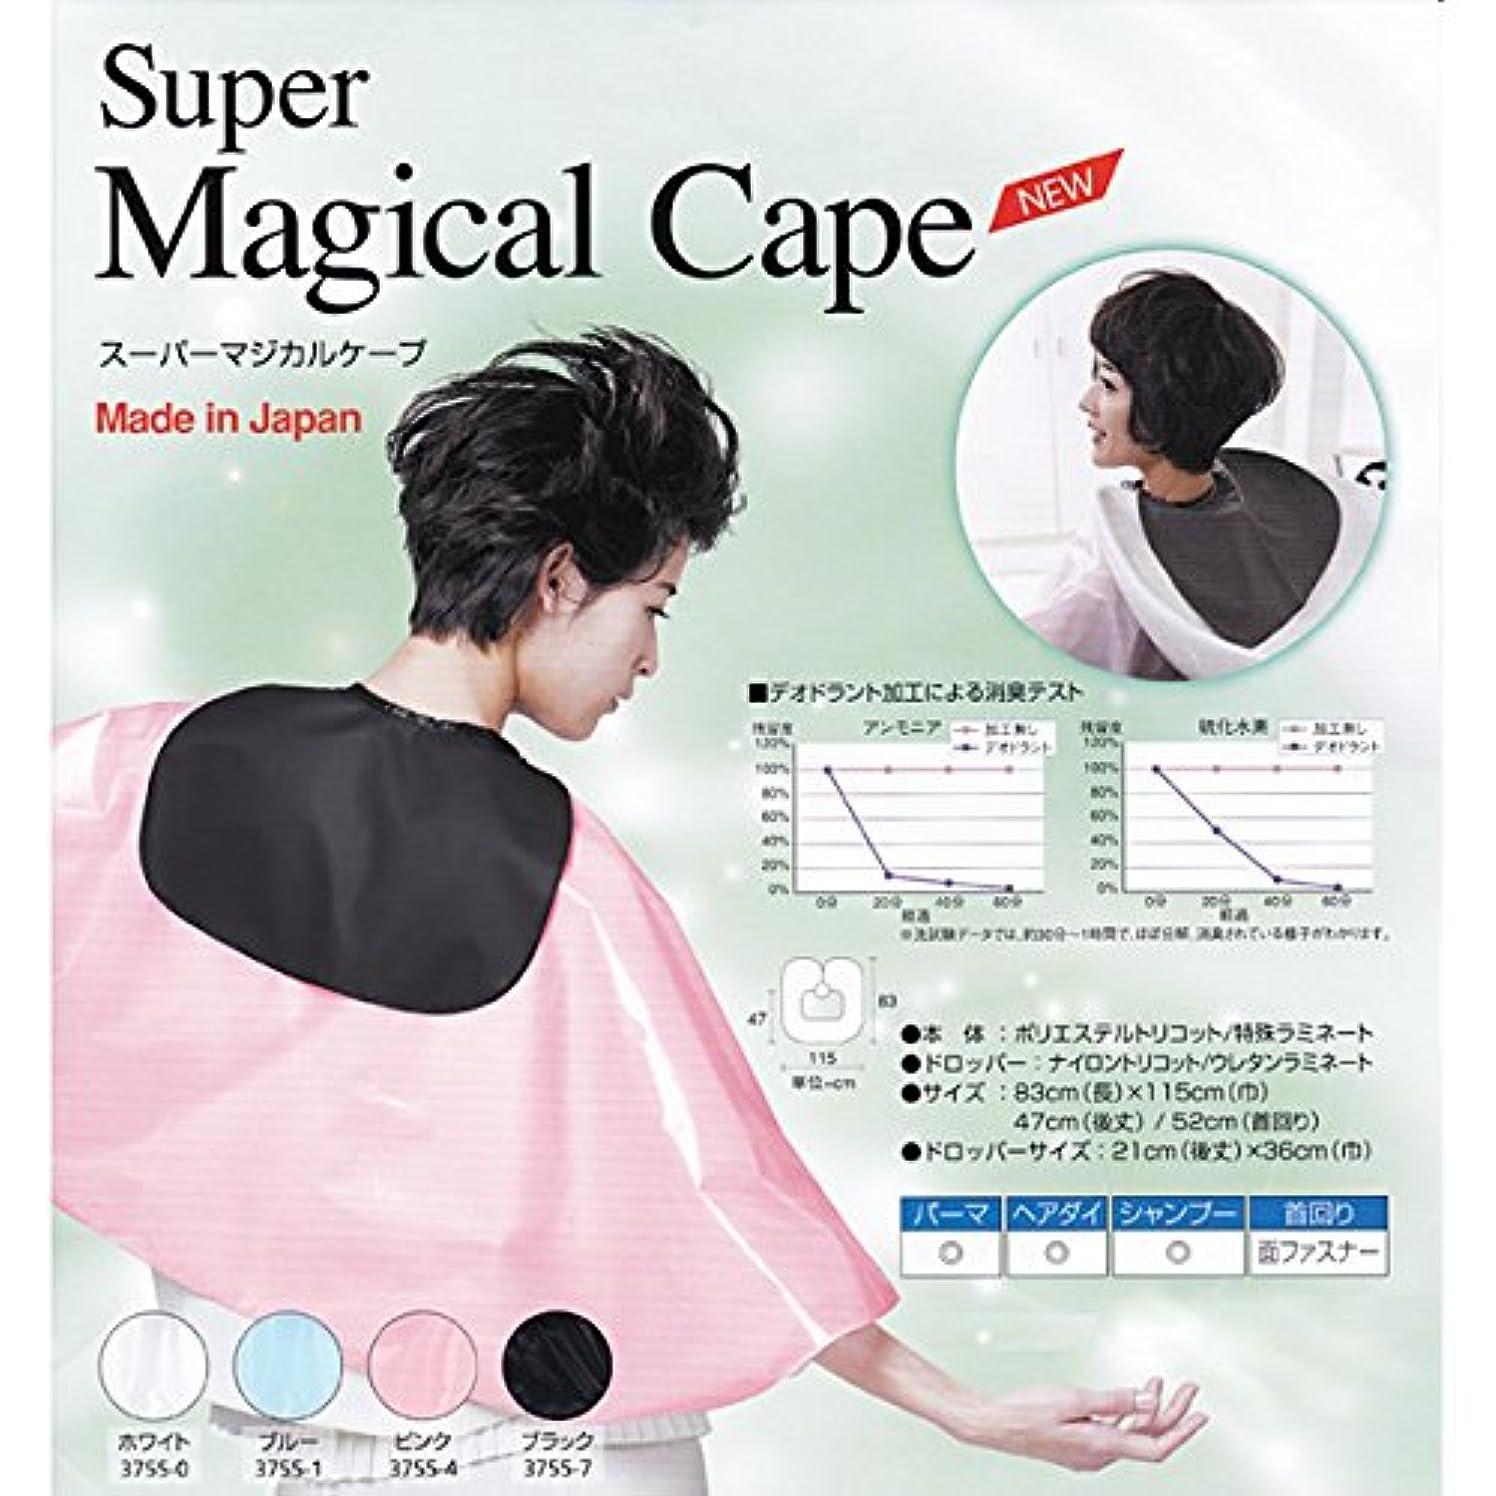 やむを得ない栄養喜ぶワコウ スーパーマジカルケープ No.3759 3755-7(ブラック)